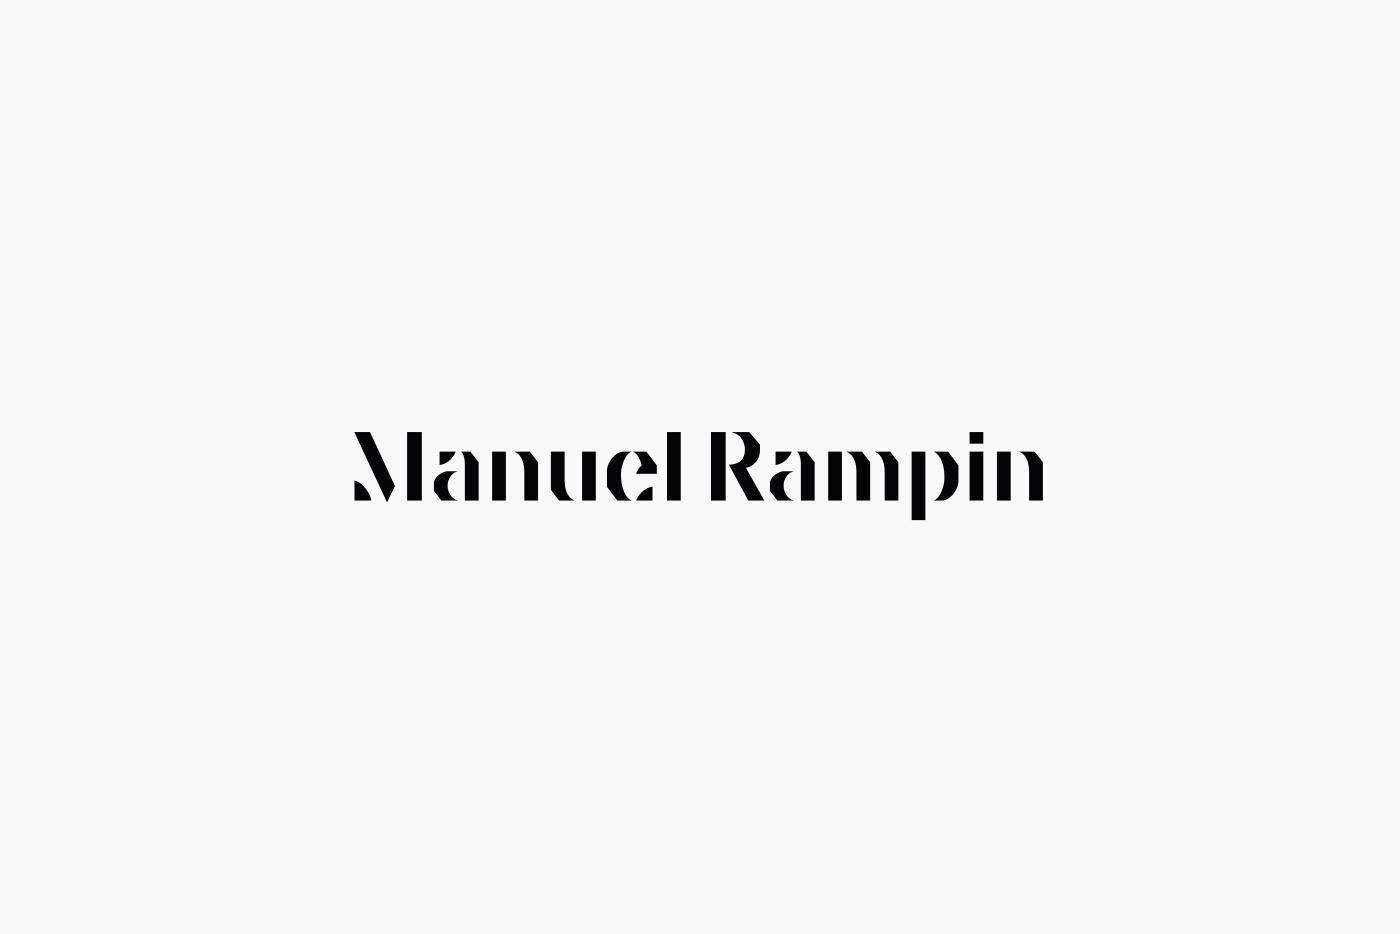 Manuel Rampin Logo